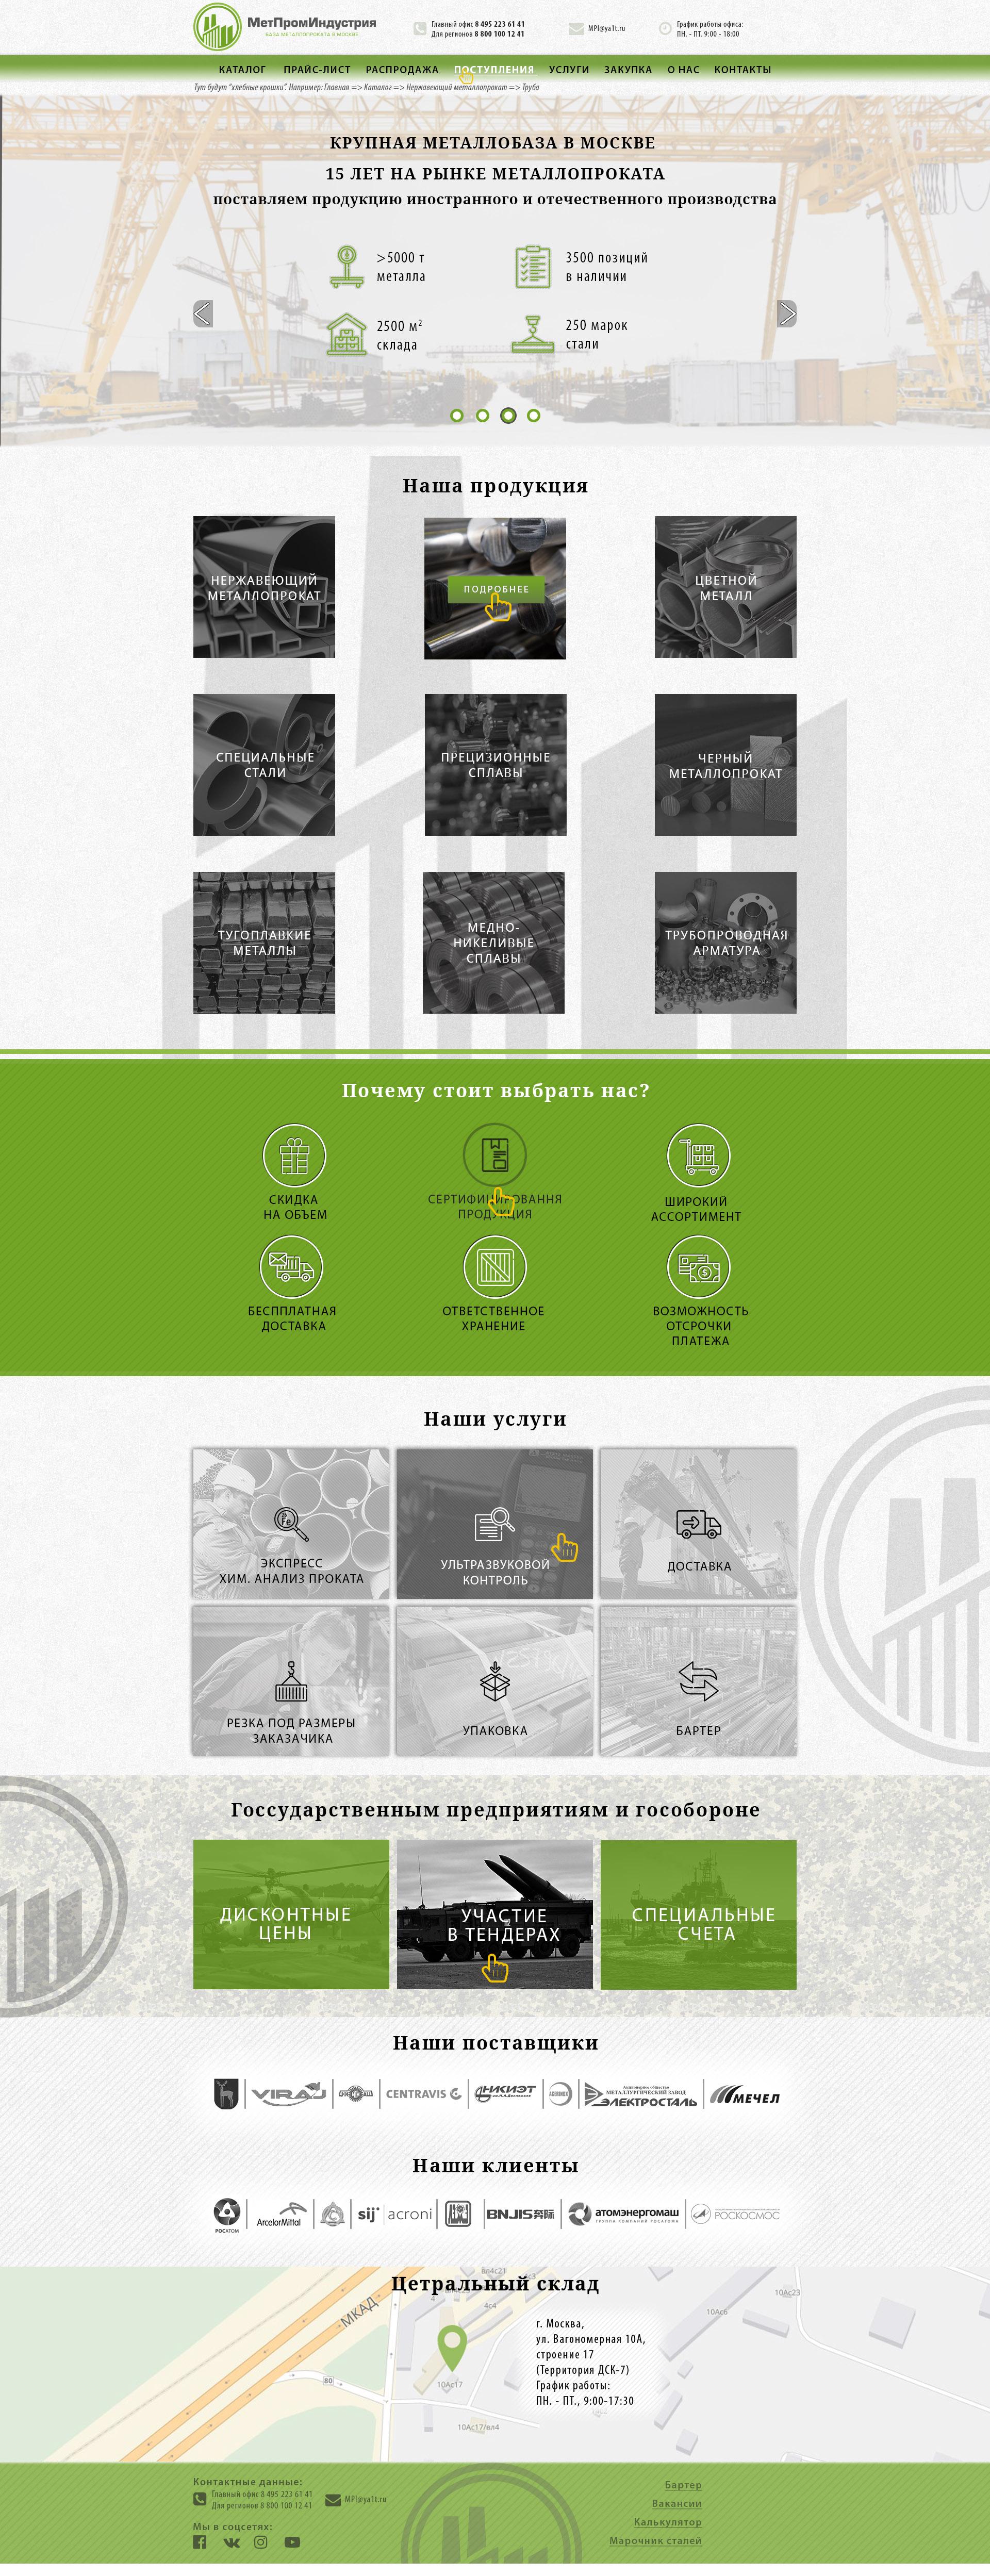 Дизайн сайта для металлоторгующей компании фото f_7605996d35013a91.jpg